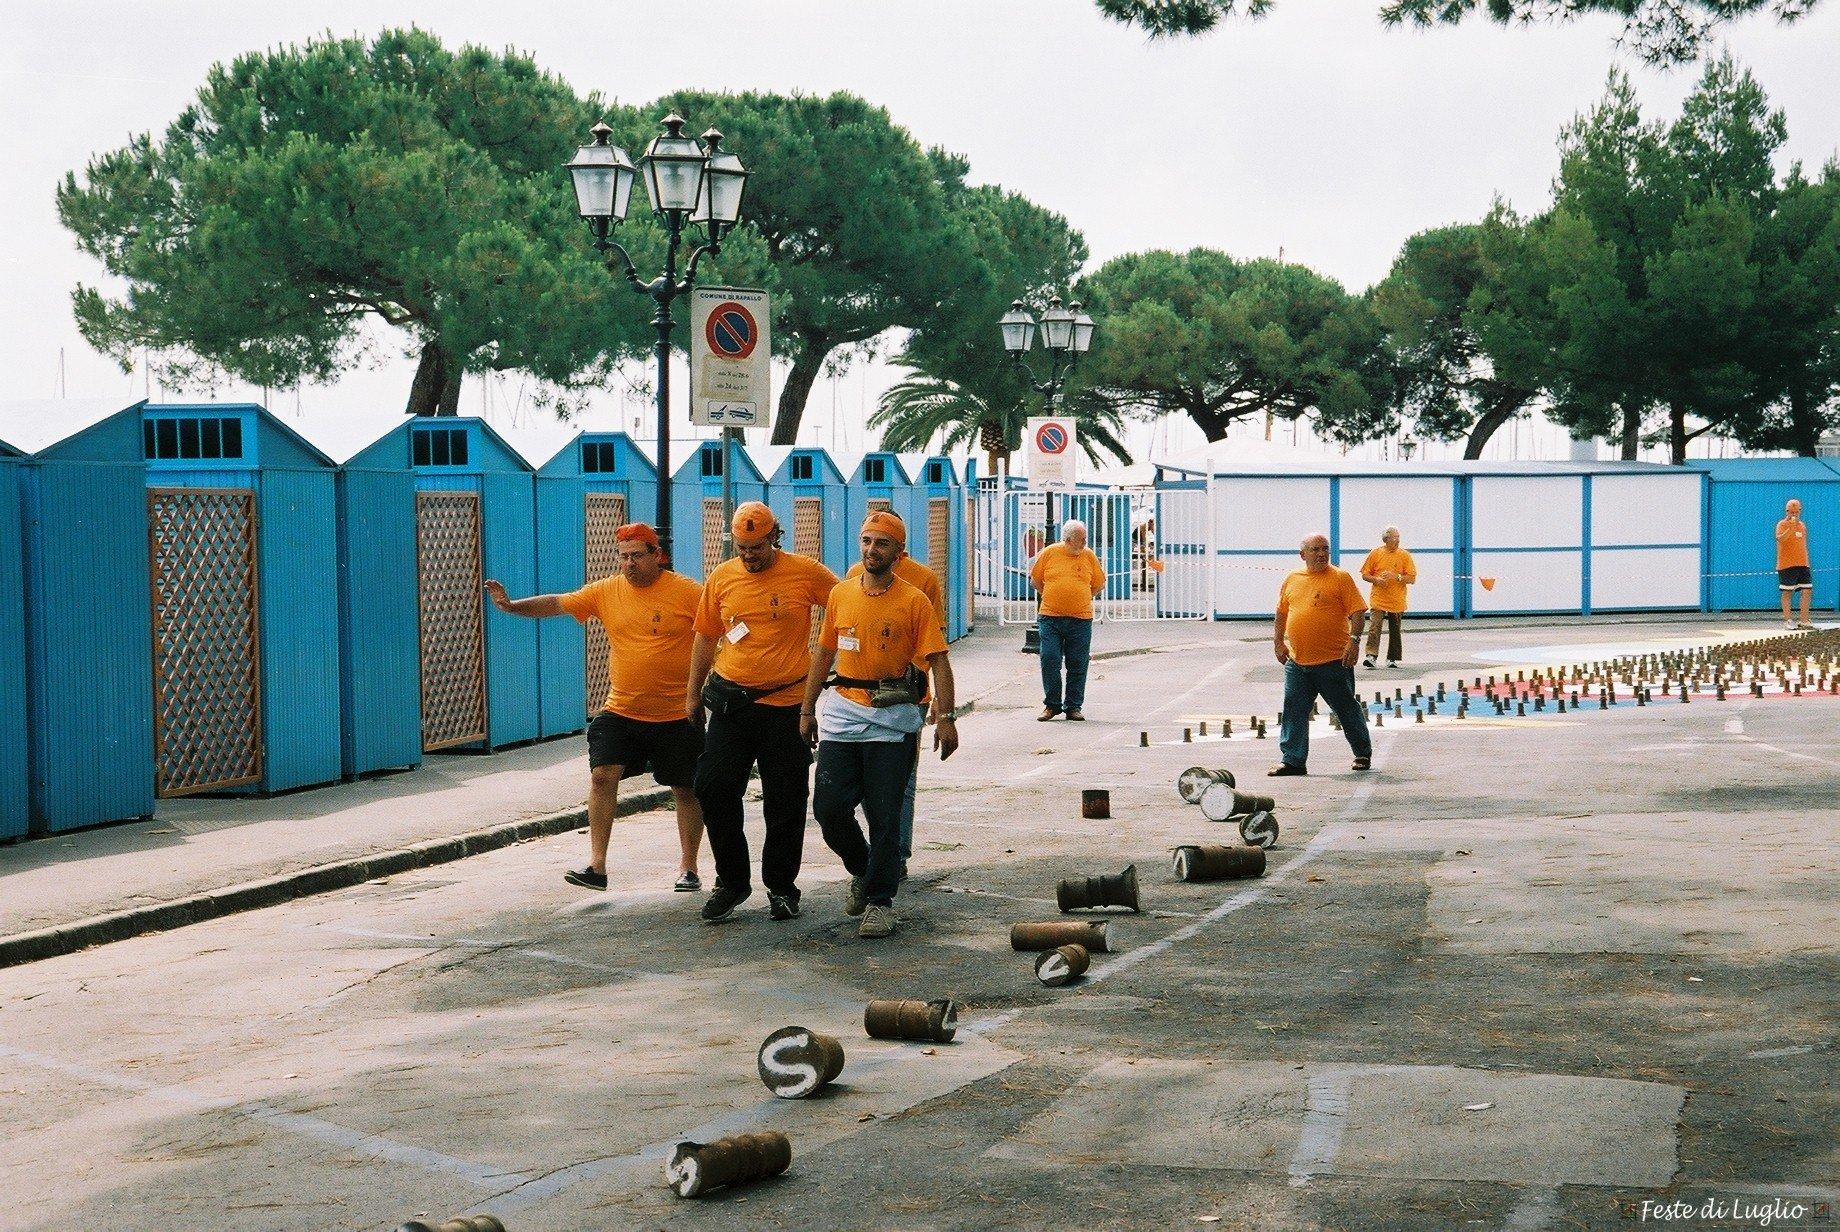 cappelletta_panegirico_2004_64